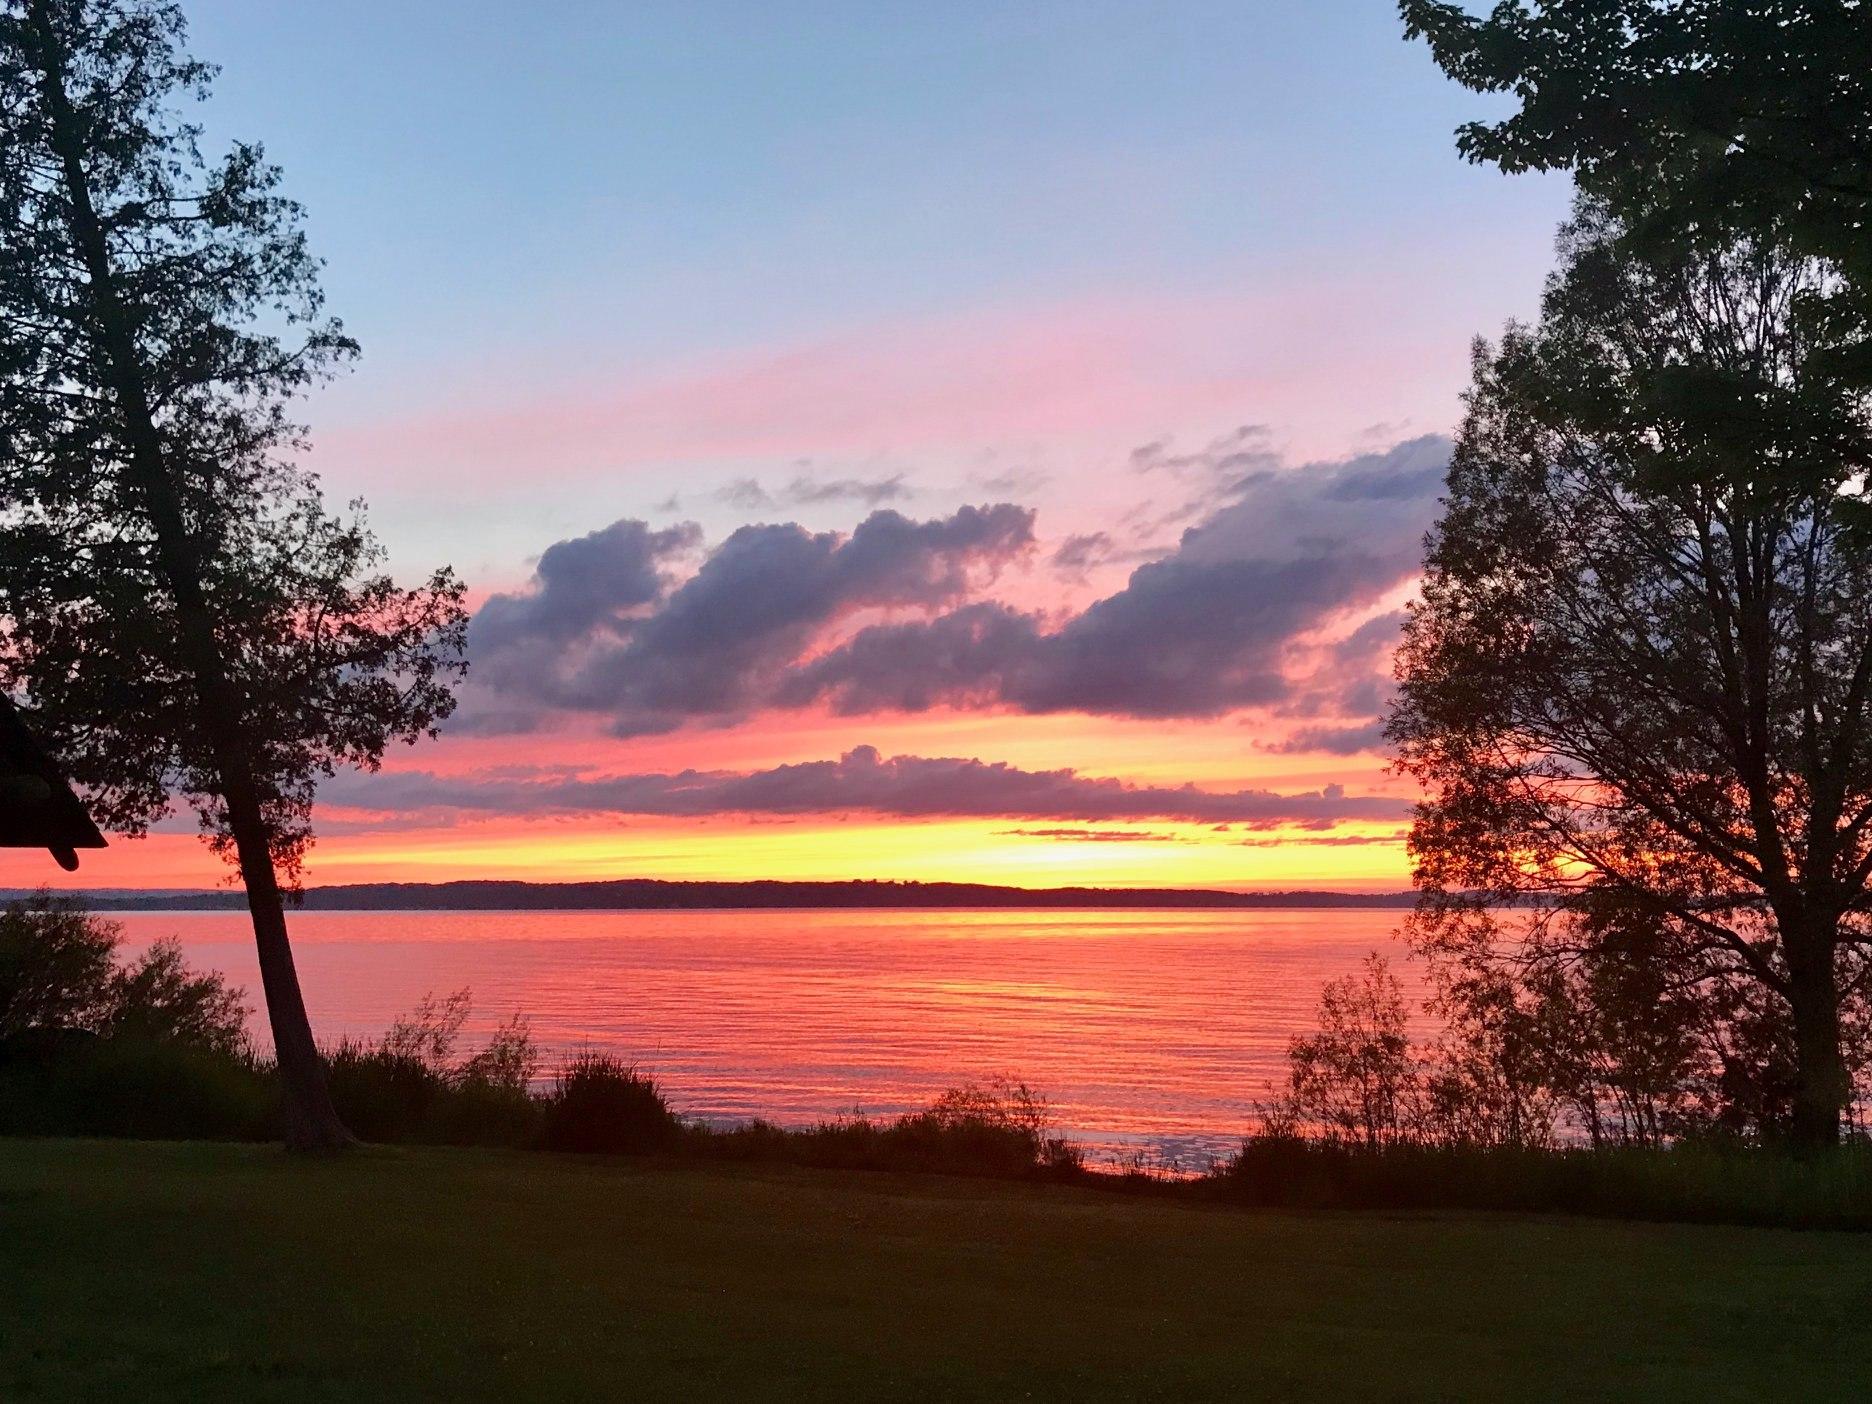 Beautiful views at Holiday Park Campground